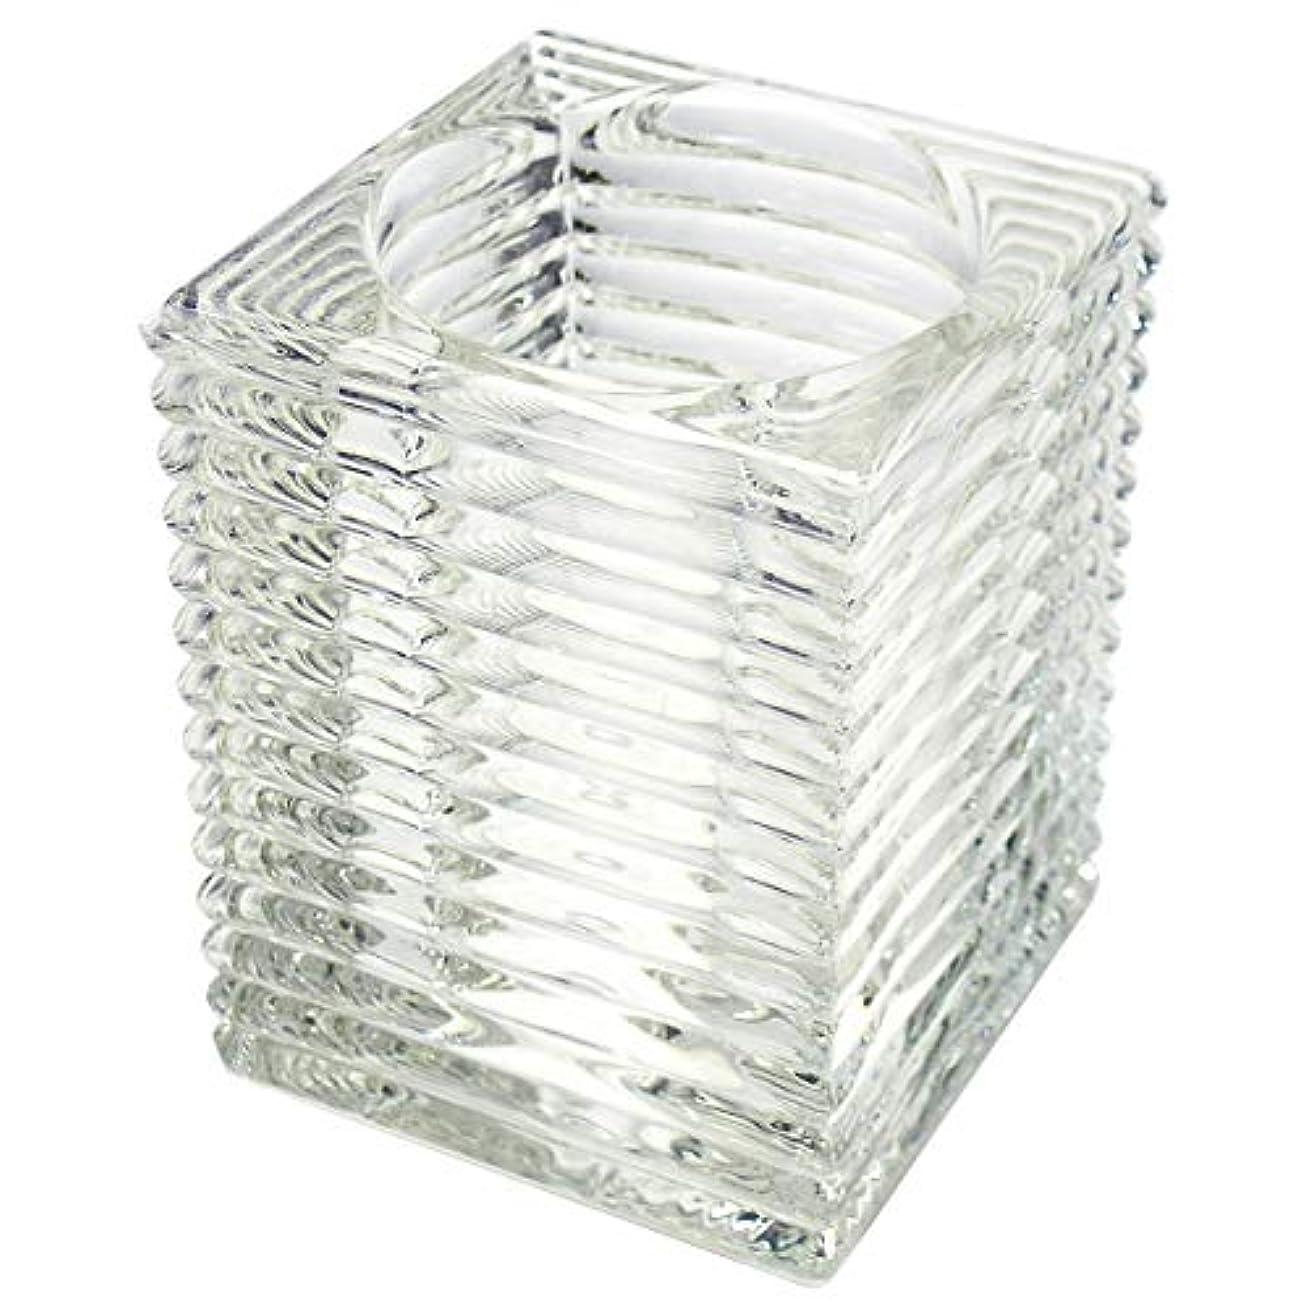 夕食を作るインスタンス発行するキャンドルホルダー ガラス6 キャンドルスタンド ろうそく立て ティーライトキャンドル ティーキャンドル